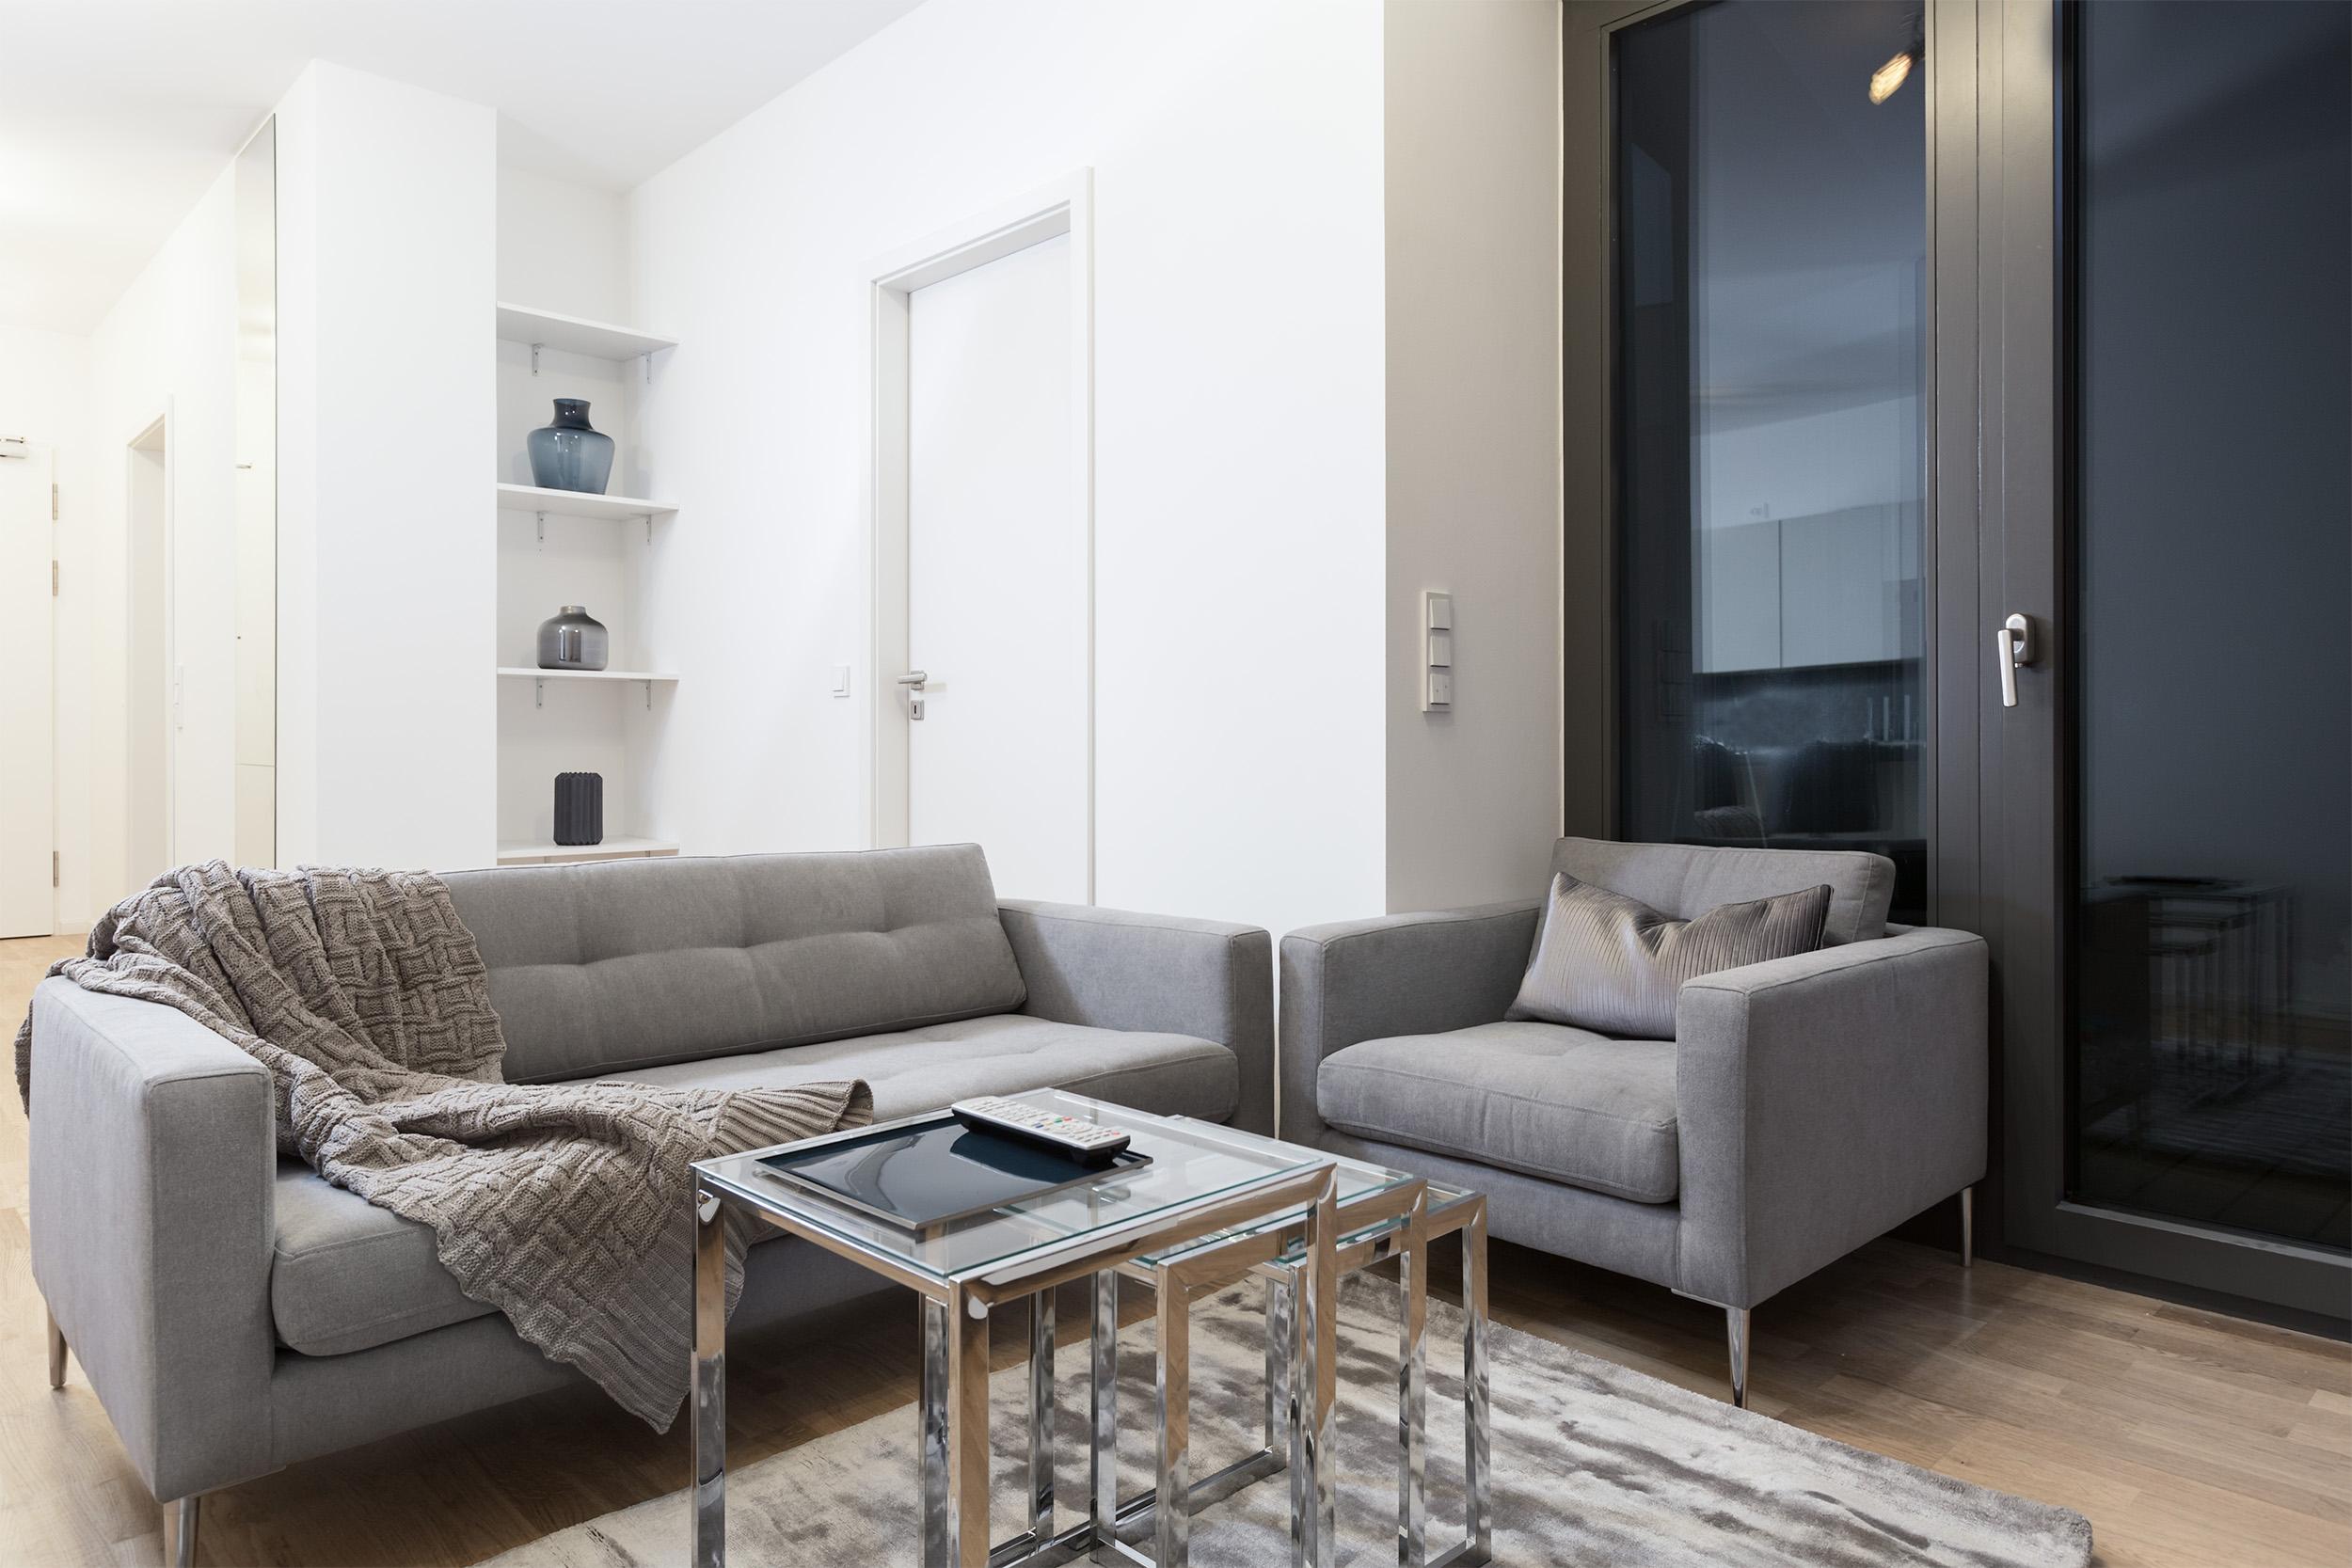 re-vamp+möbliertes+Mikropapartment+WE+207+Wohnzimmer.jpg